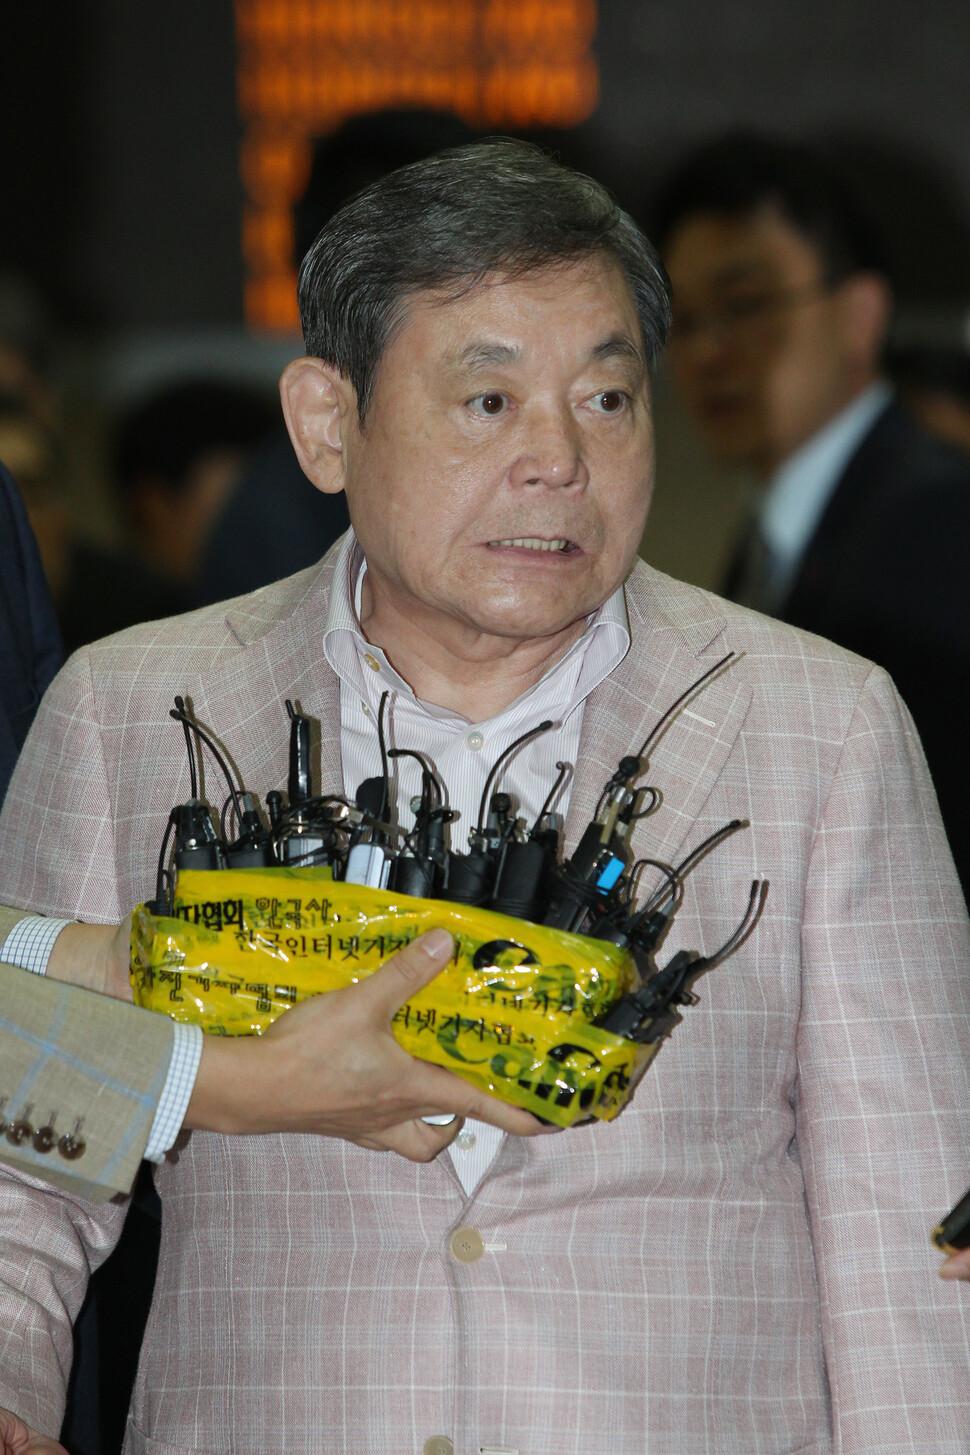 이건희 회장이 2012년 5월24일 오후 유럽 출장을 마치고 서울 김포공항으로 귀국했고, 이맹희씨의 소송 건으로 기자들의 관심은 이건희 회장에게 집중됐다. 기자들의 예상과 달리 이 회장은 맹렬하게 감정을 드러내며 맏형에게 공격을 퍼부었다. 이 회장의 얼굴에 분노가 그대로 드러난다. 이정아 기자 촬영.